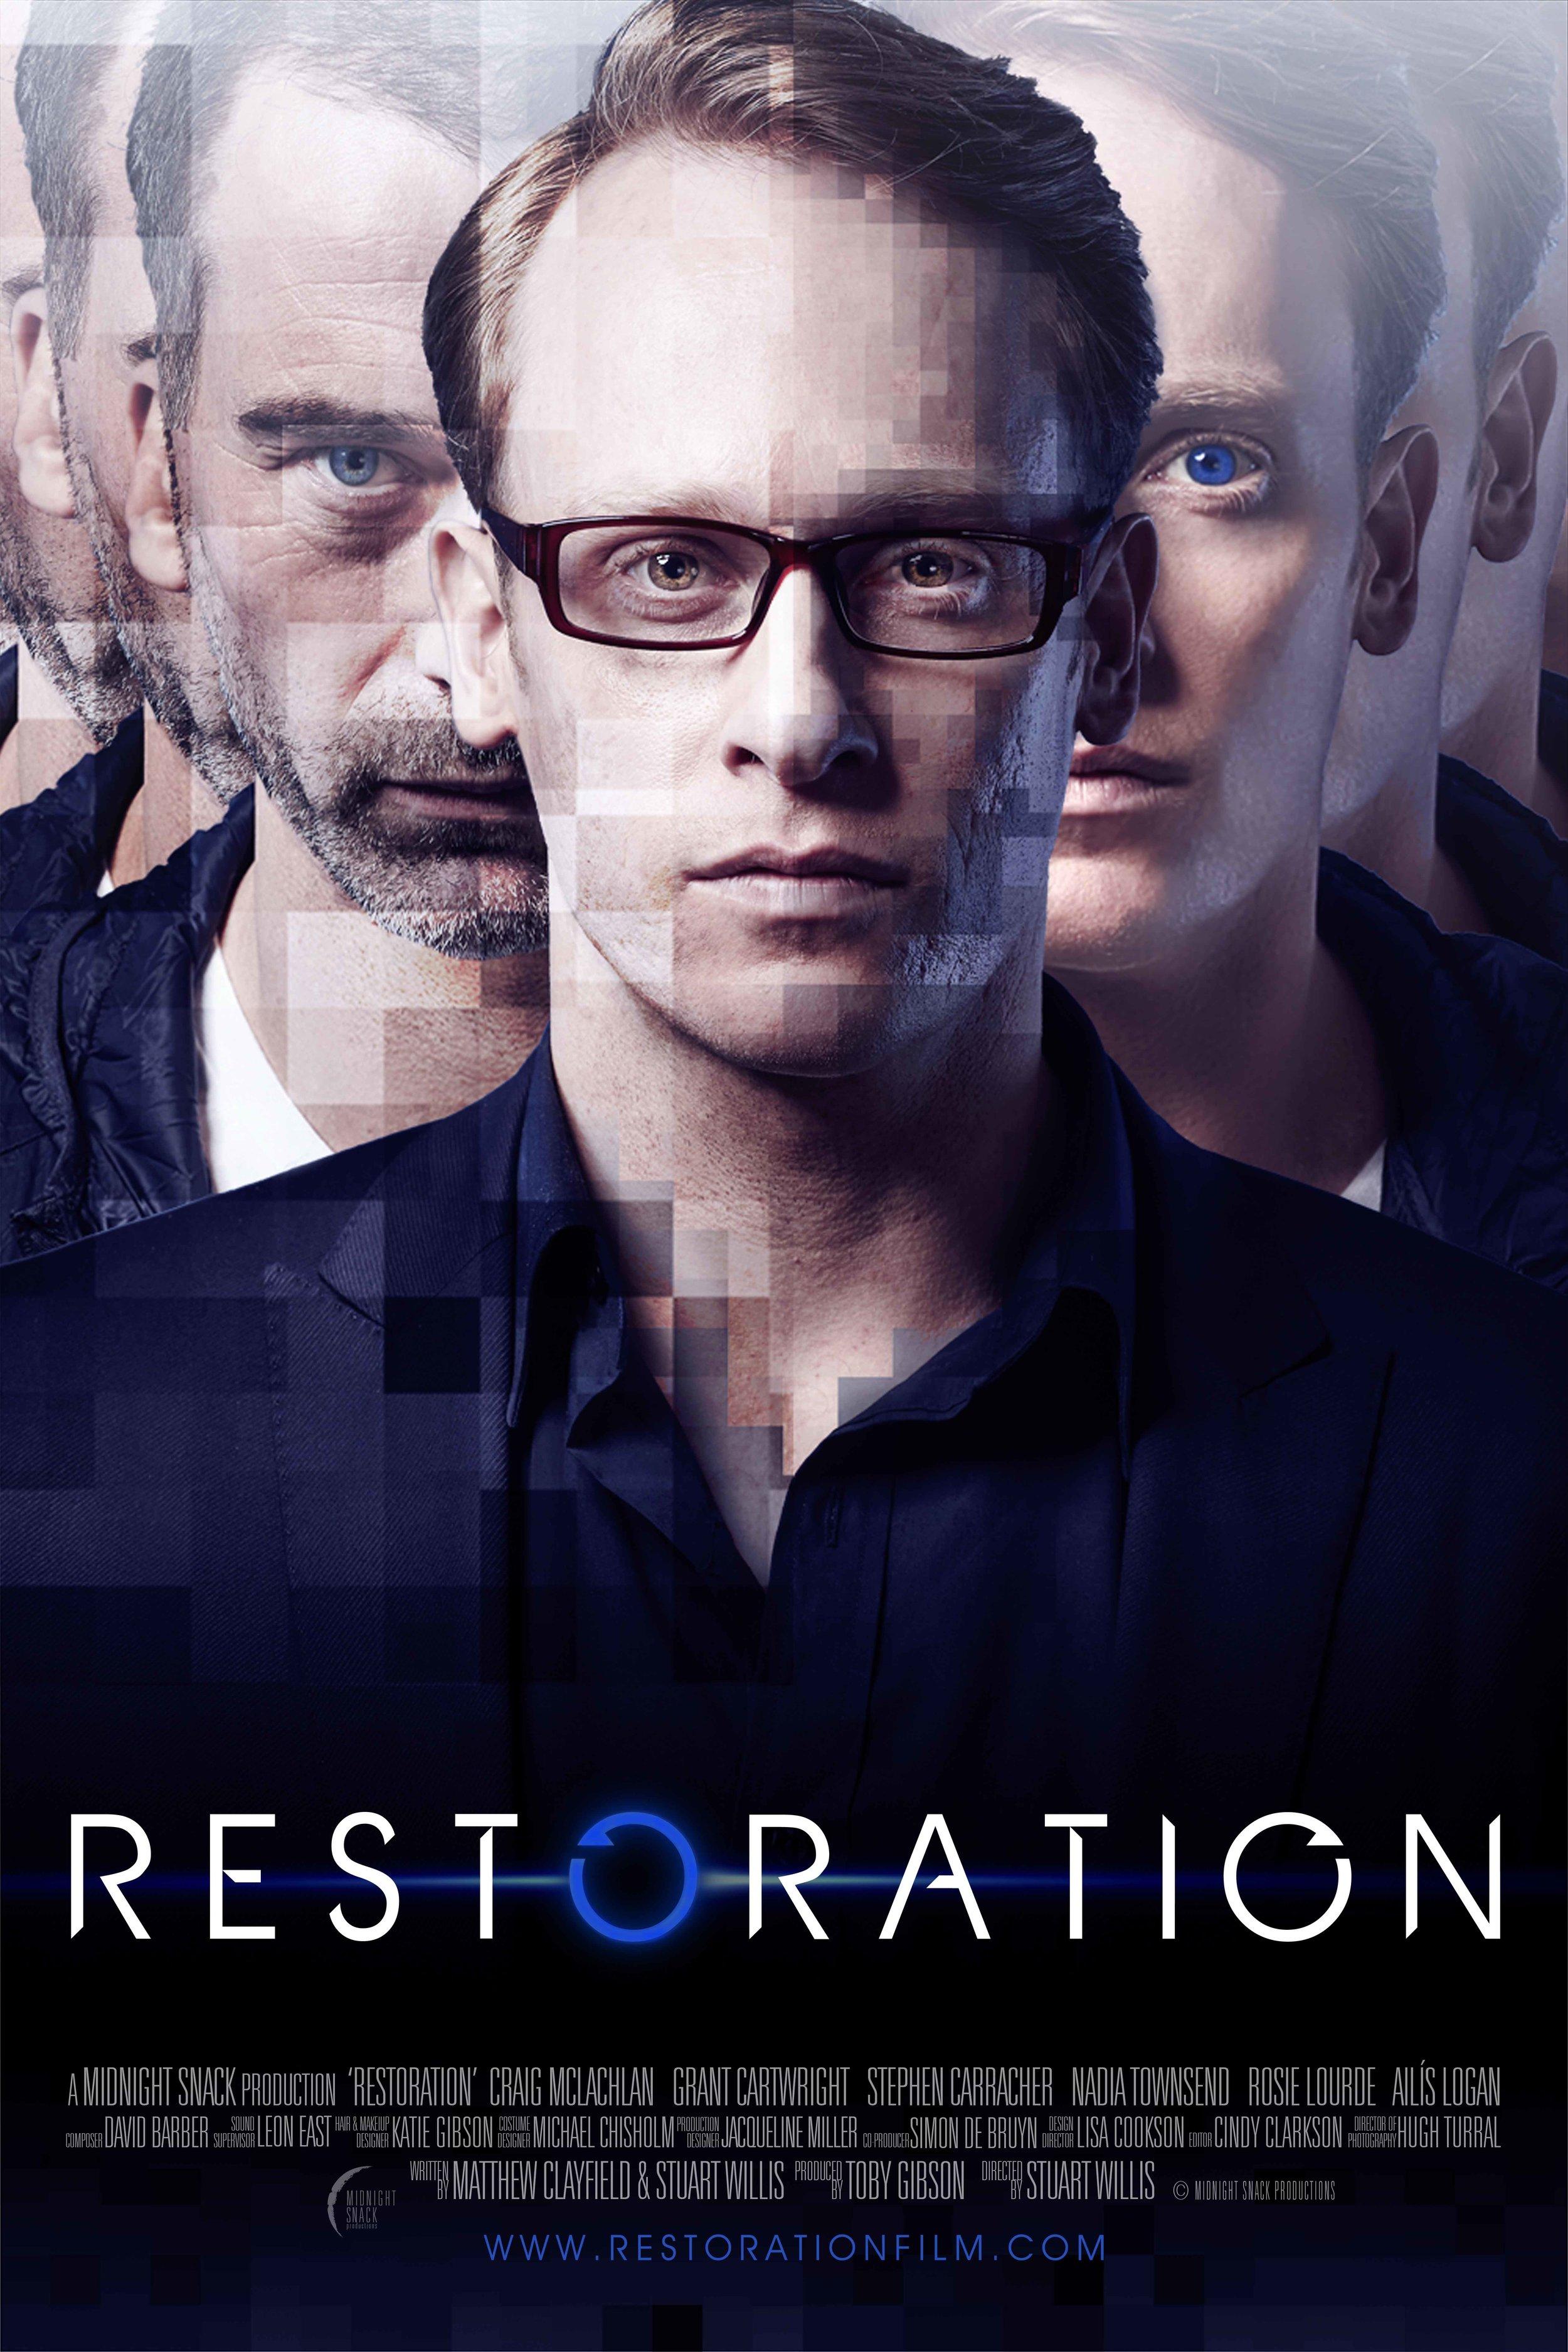 RESTORATION - Poster.jpg